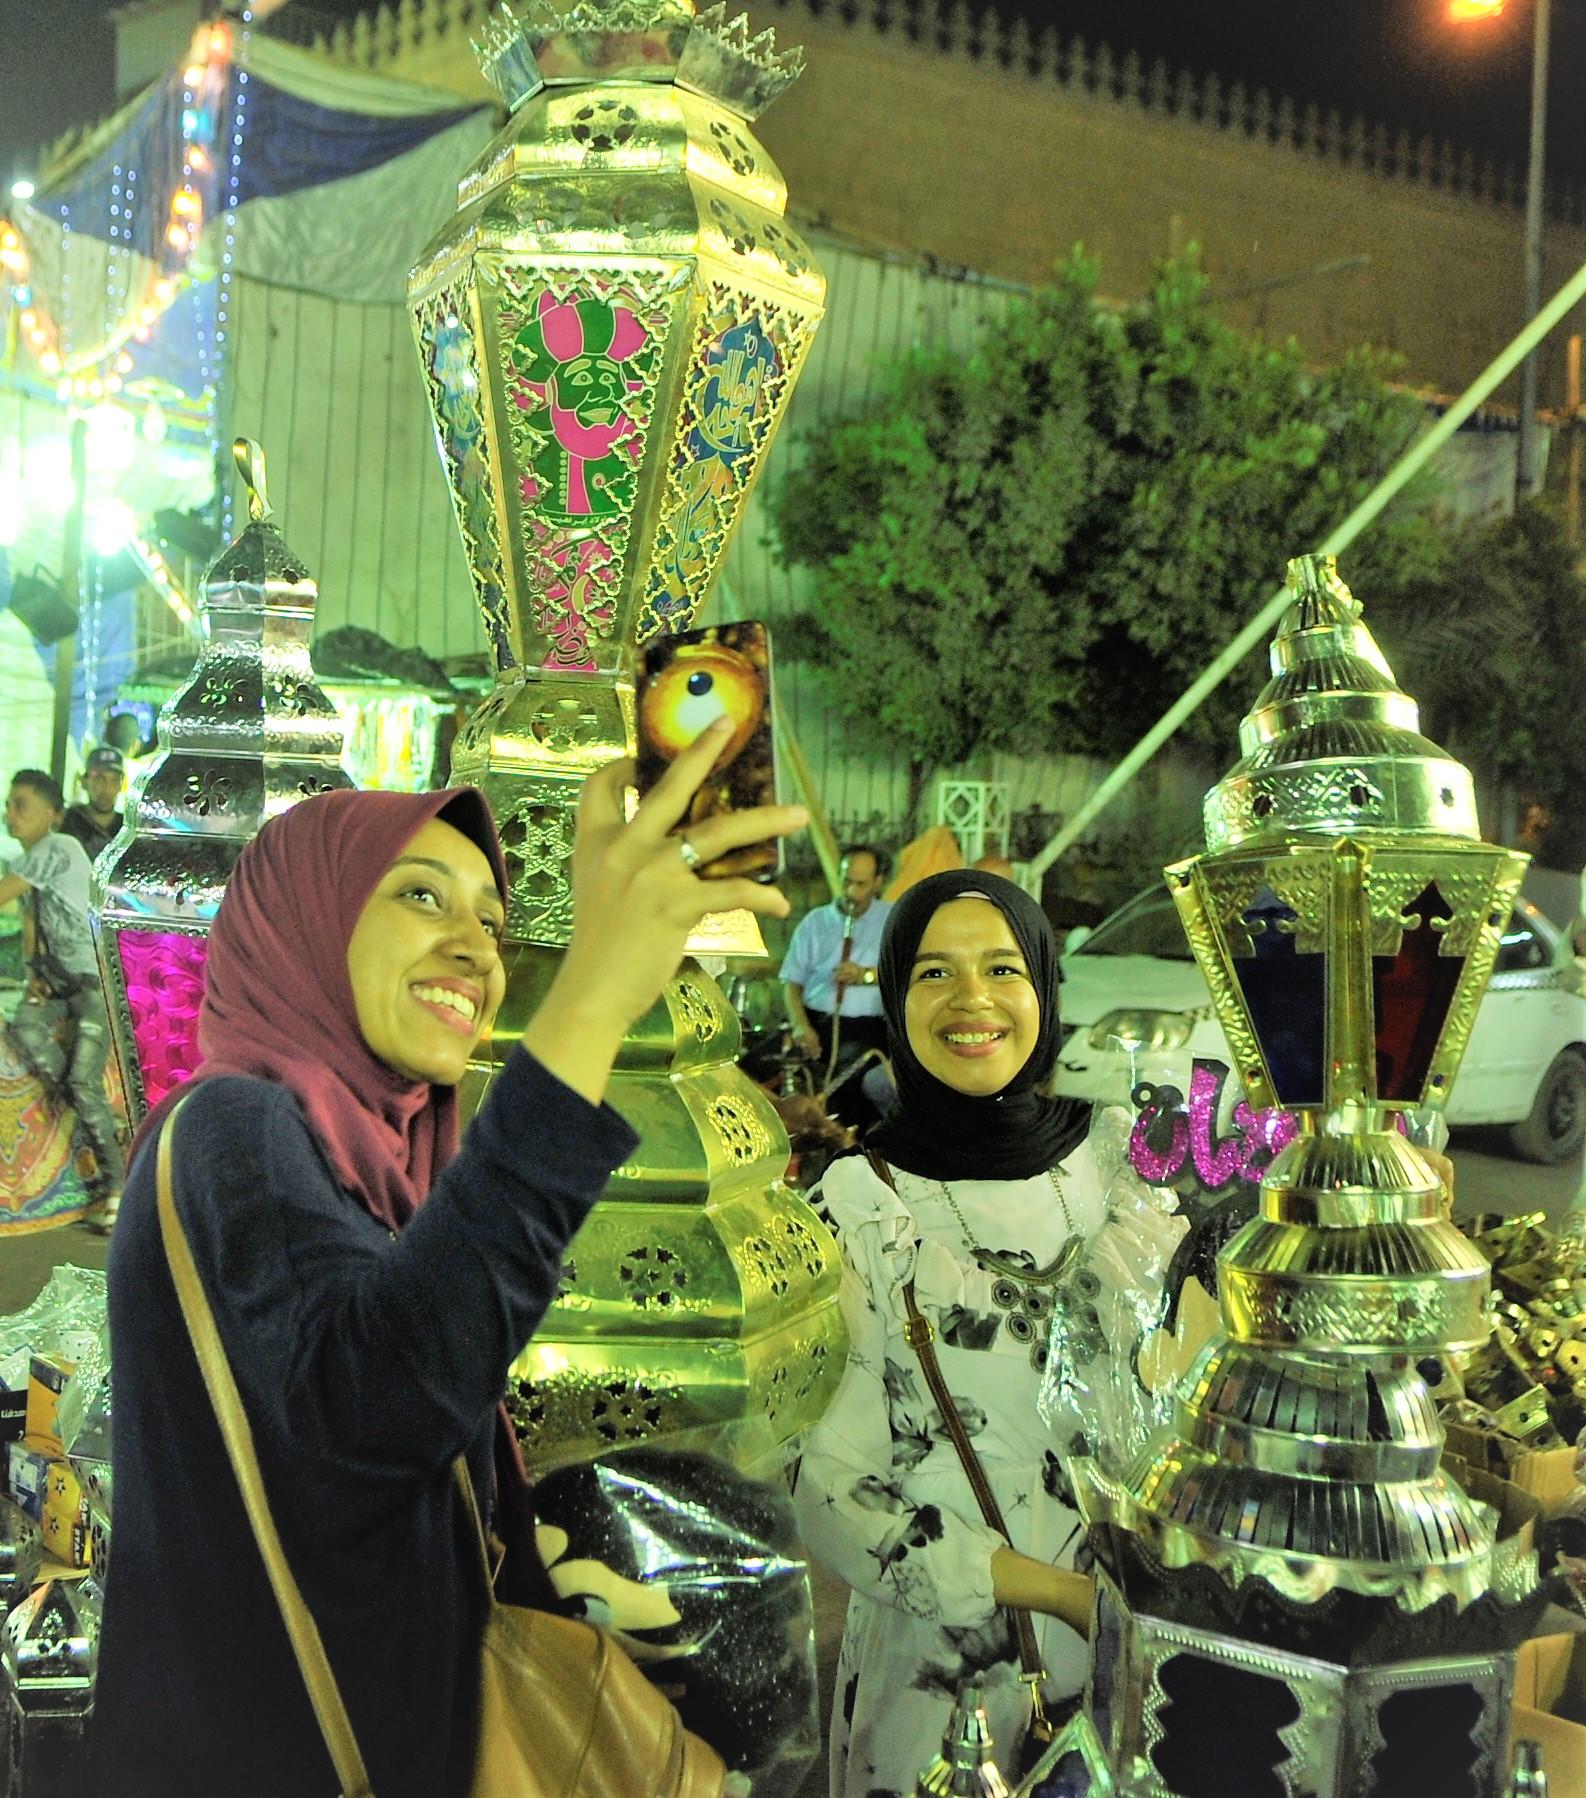 تزداد حركة البيع والشراء للفوانيس بشكل عام مع اقتراب شهر رمضان (حسام علي. إندبندنت عربية)